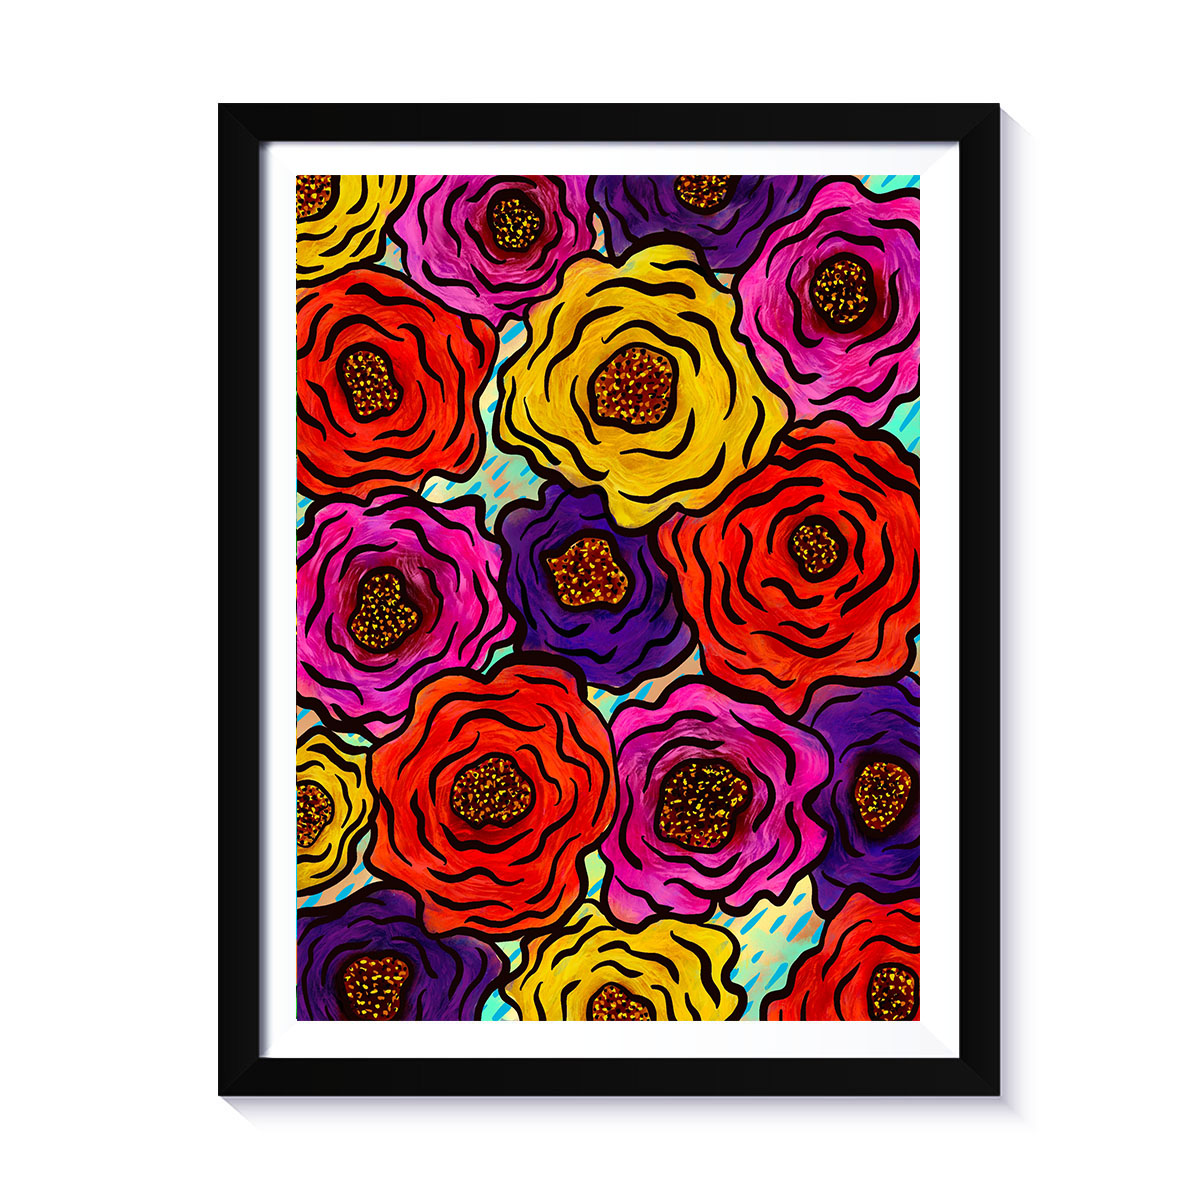 Arte Multicolor Peonys,  print, de la artista puertorriqueña Susana Cacho, www.susanacacho.com.